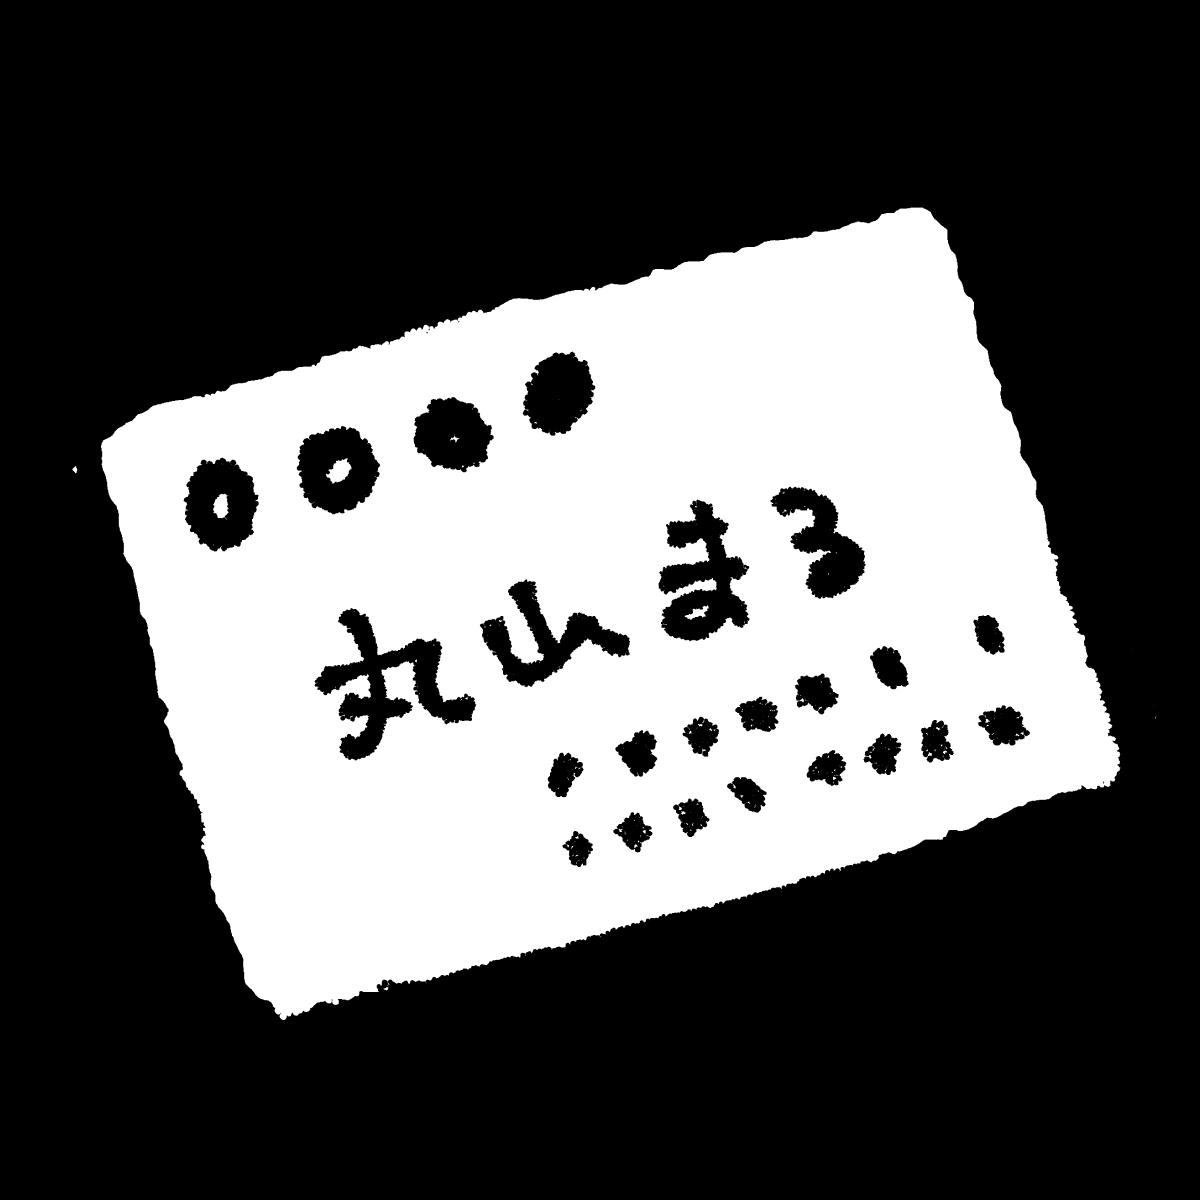 名刺のイラスト Business card  Illustration